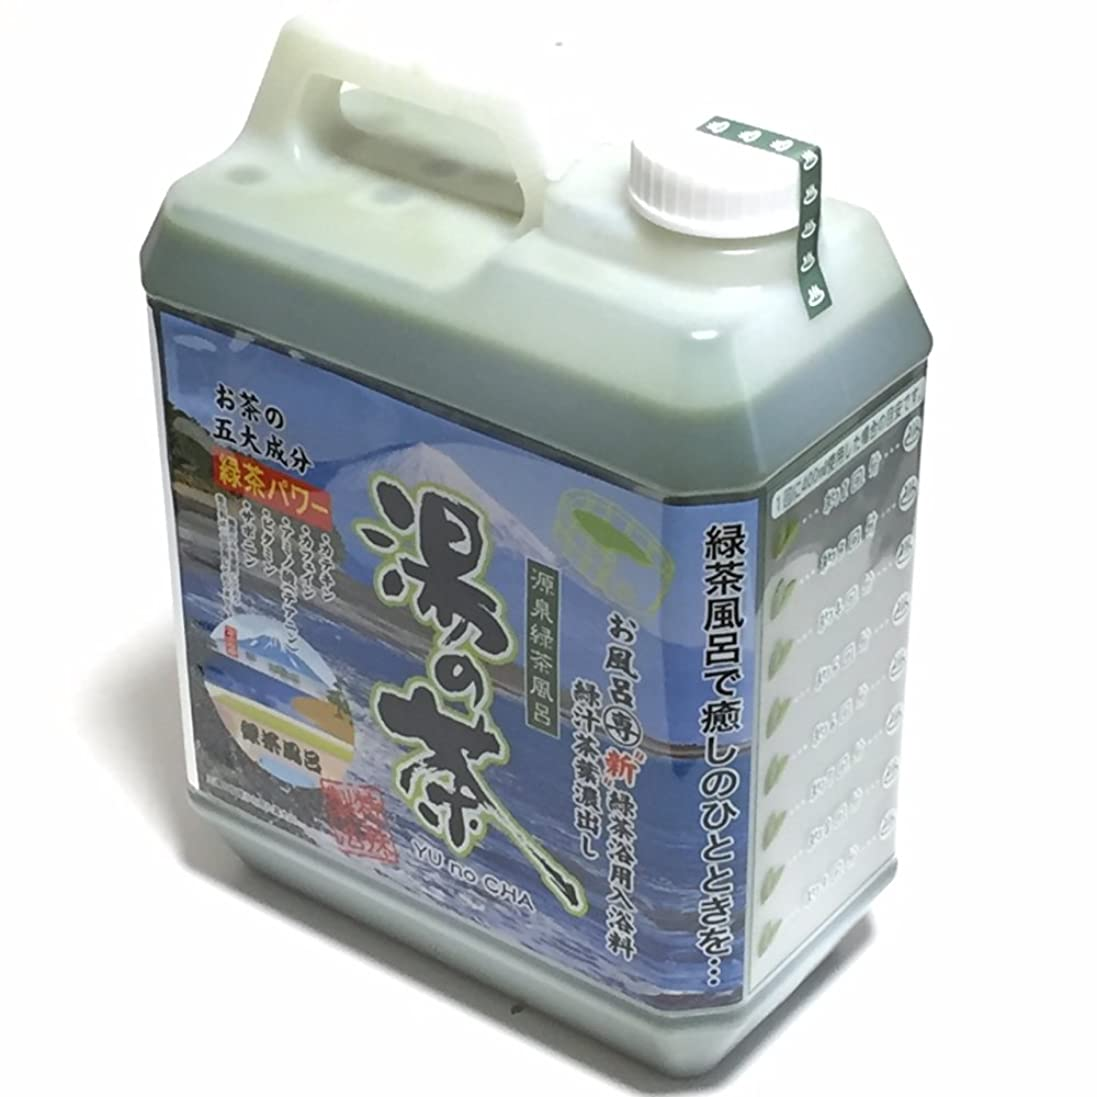 わずかにグリップパン緑茶のお風呂に入ろう??静岡茶葉100% 高濃度カテキン 緑茶入浴化粧品 湯の茶 大容量4リットル